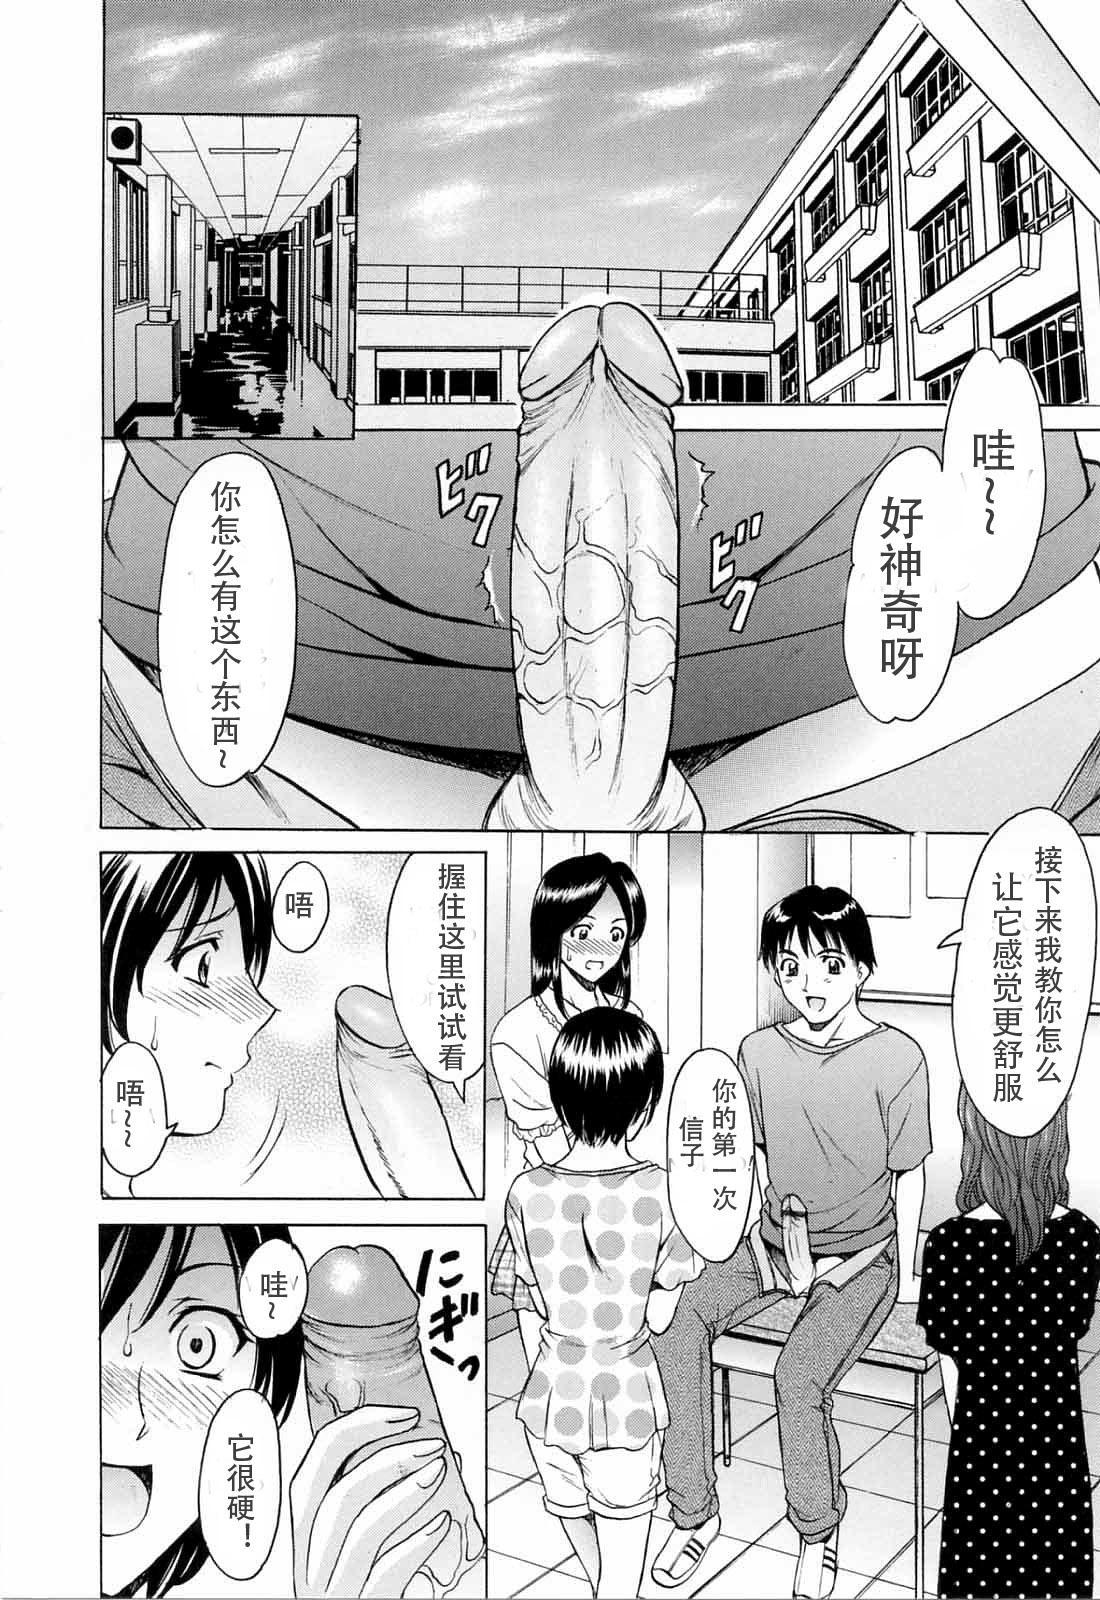 Yoiko no Seikyouiku | Yoiko's Sex Education 5